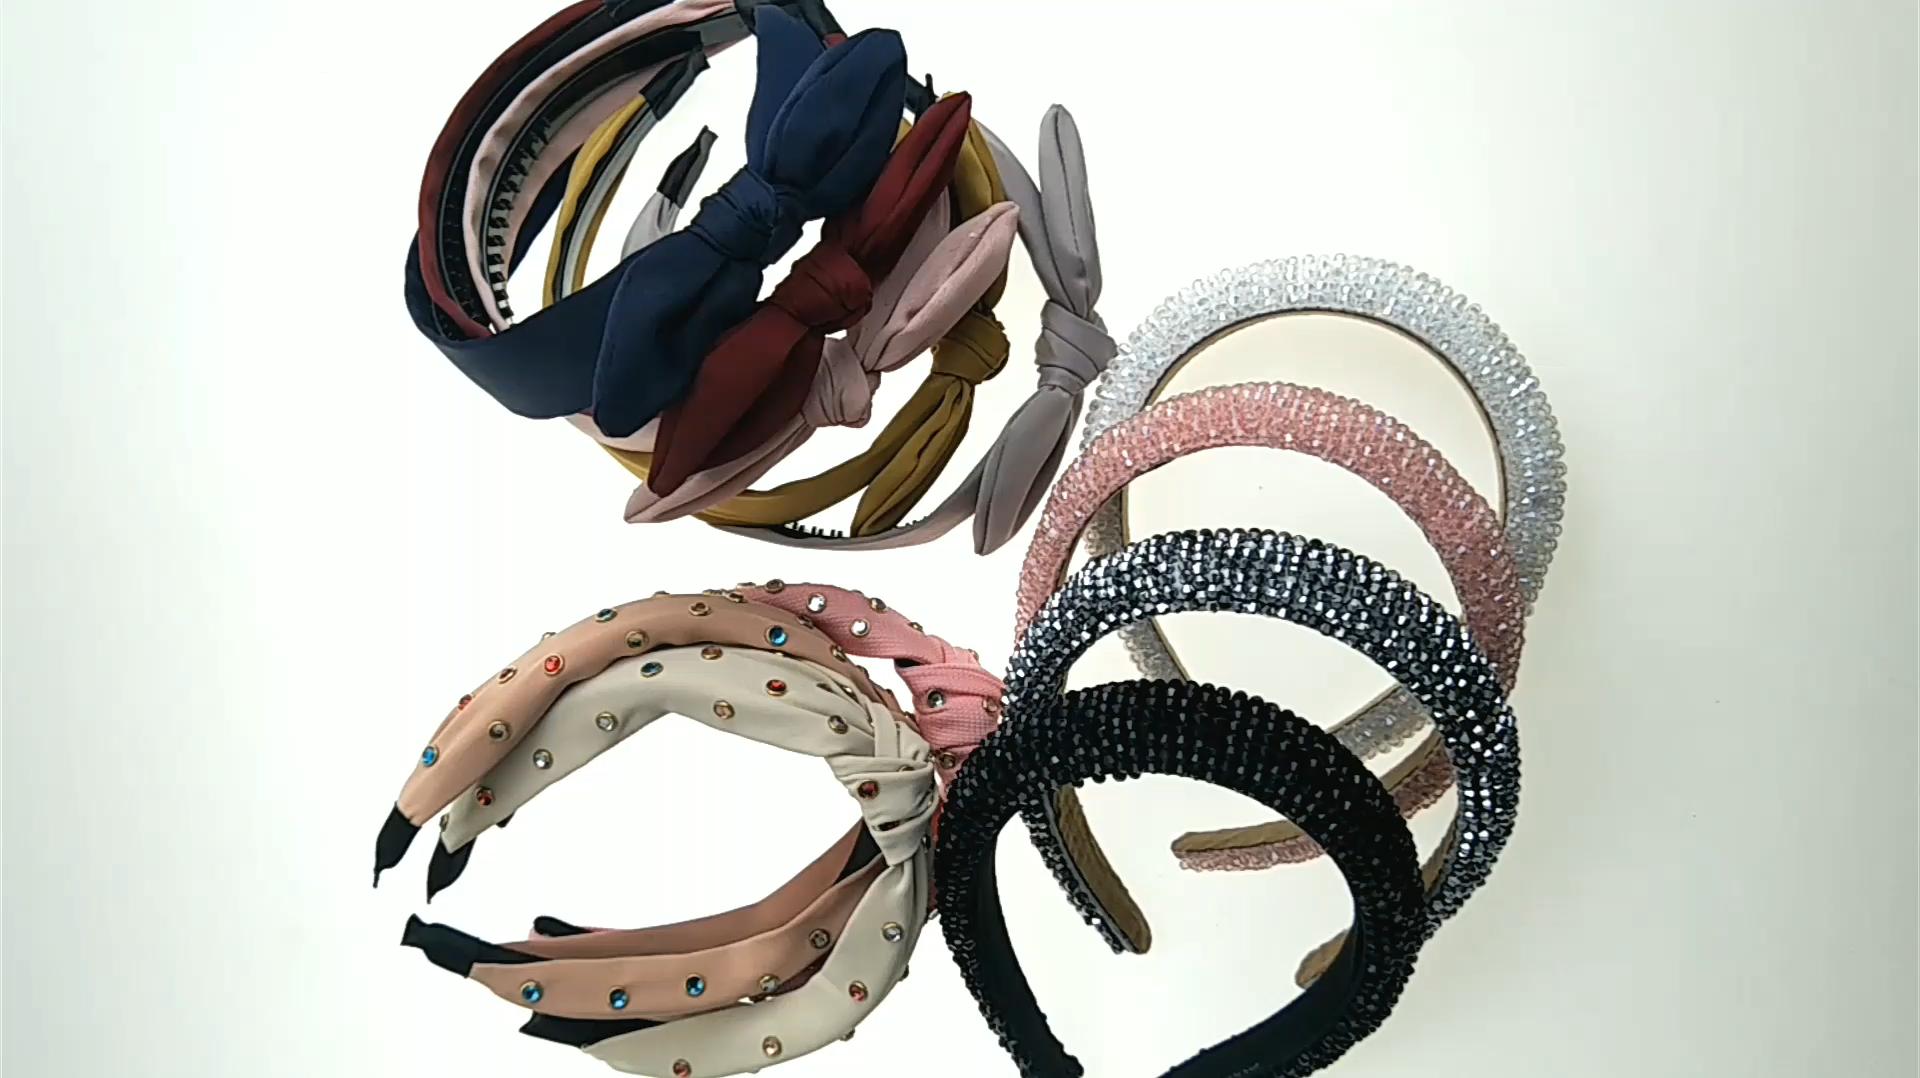 Pabrik Kustom Fashion Desainer Mewah Crystal Headband Wanita Diamond Bling Bando Berlian Imitasi 2020 Grosir